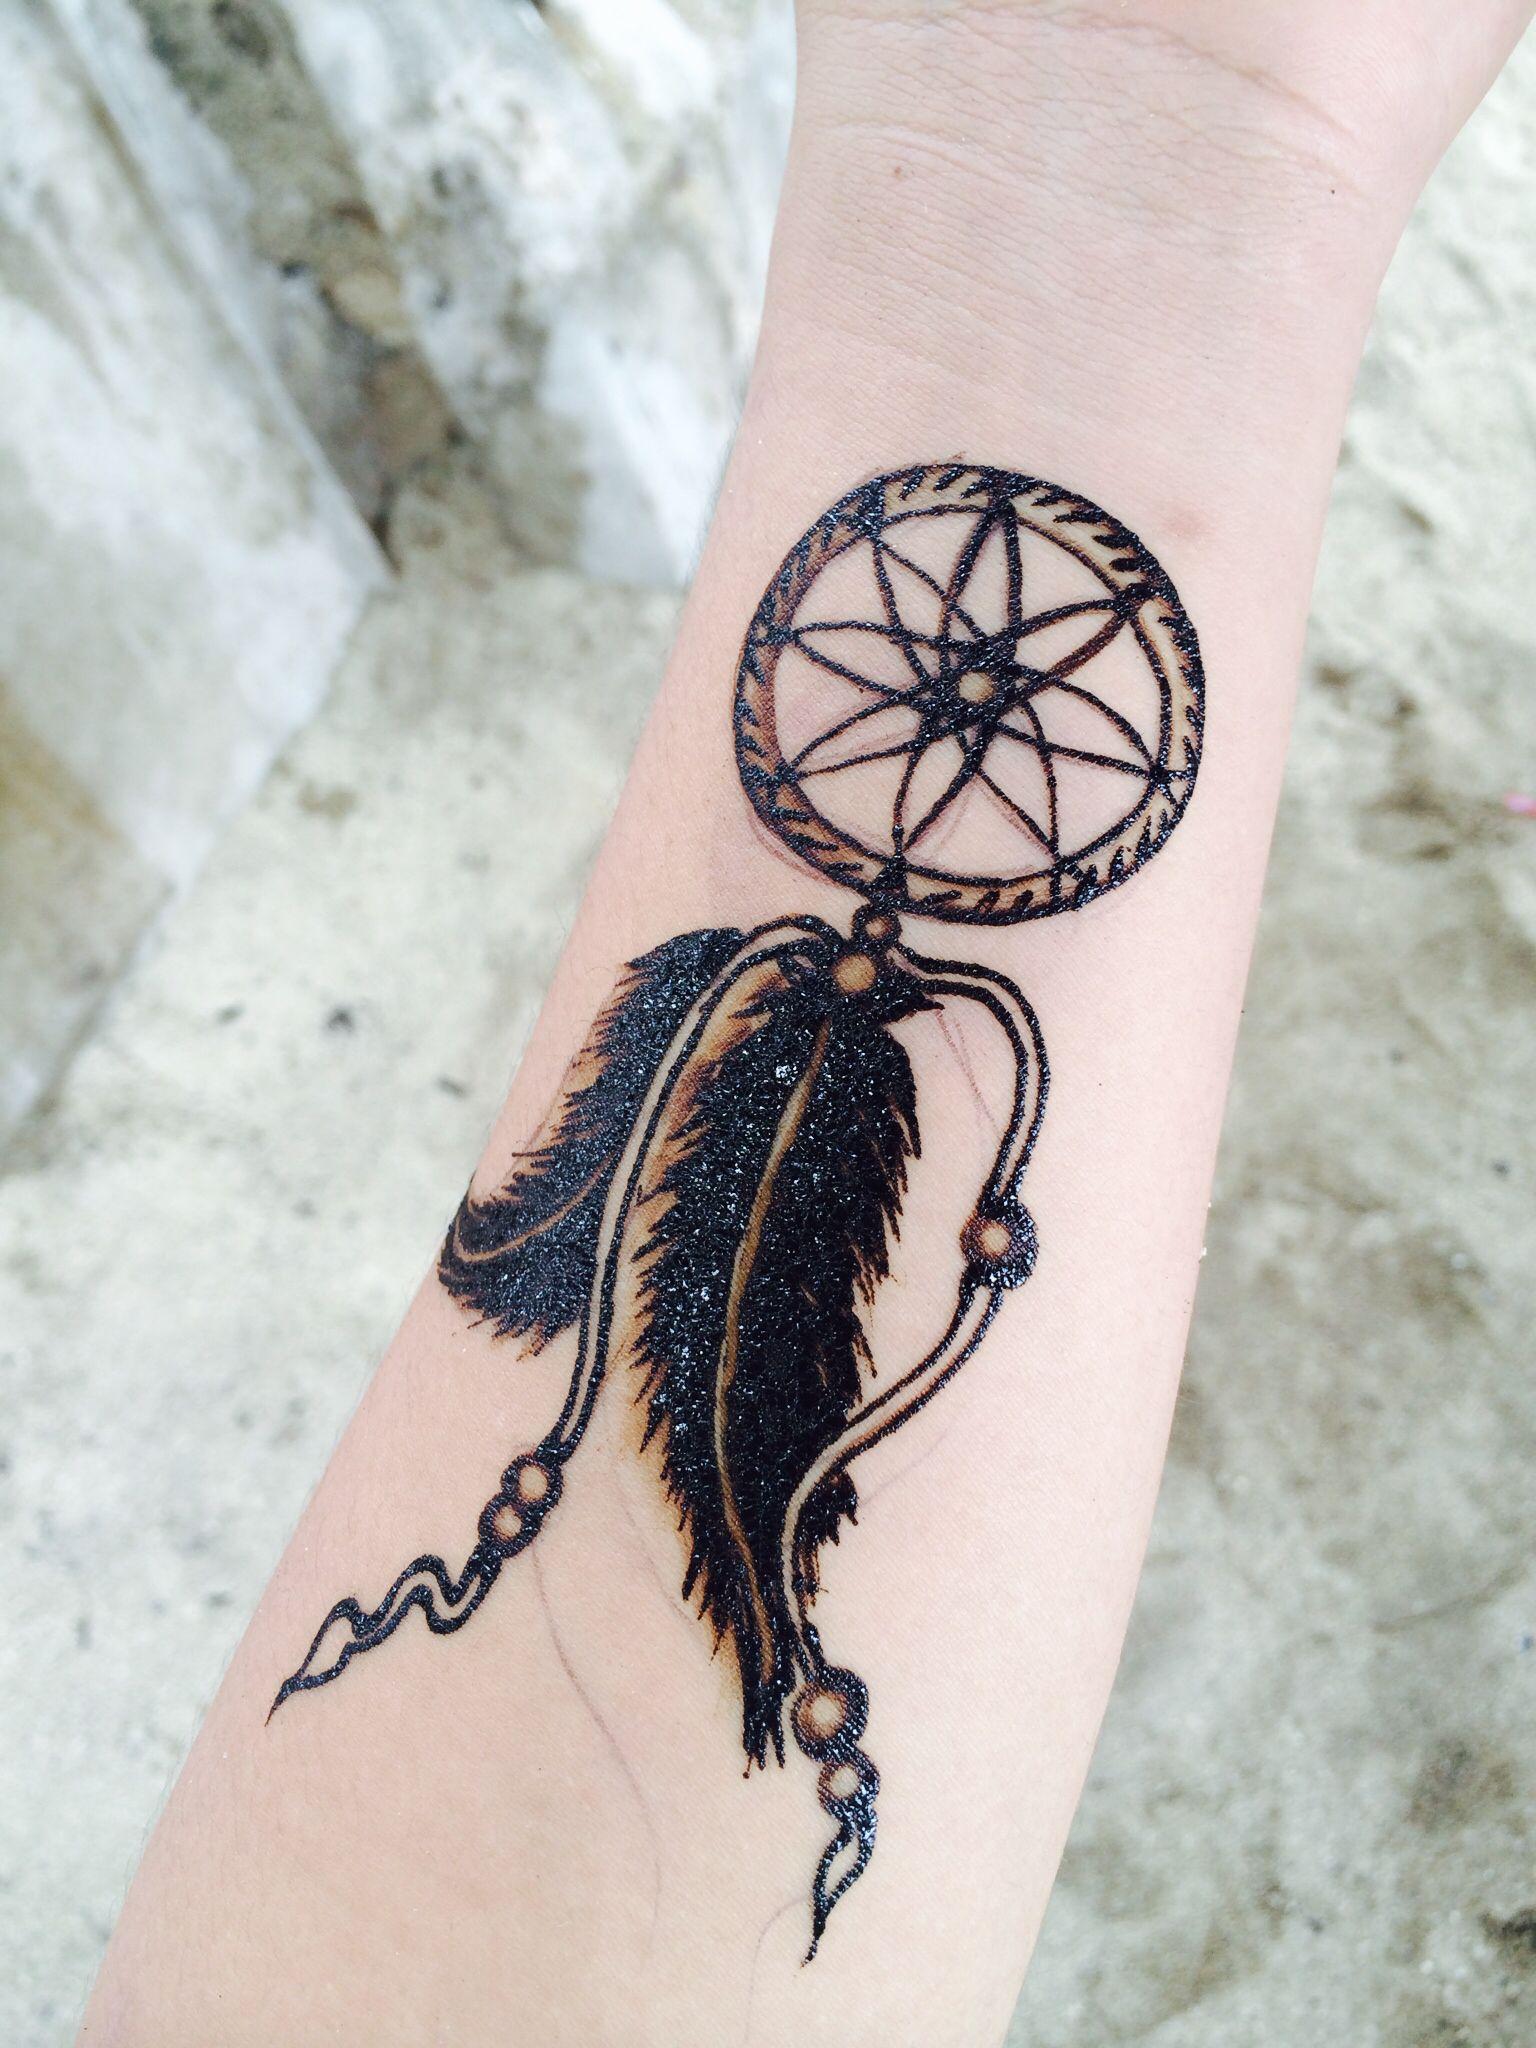 Dream Catcher Henna Tattoo Designs: My Dream Catcher Henna Tattoo. ️